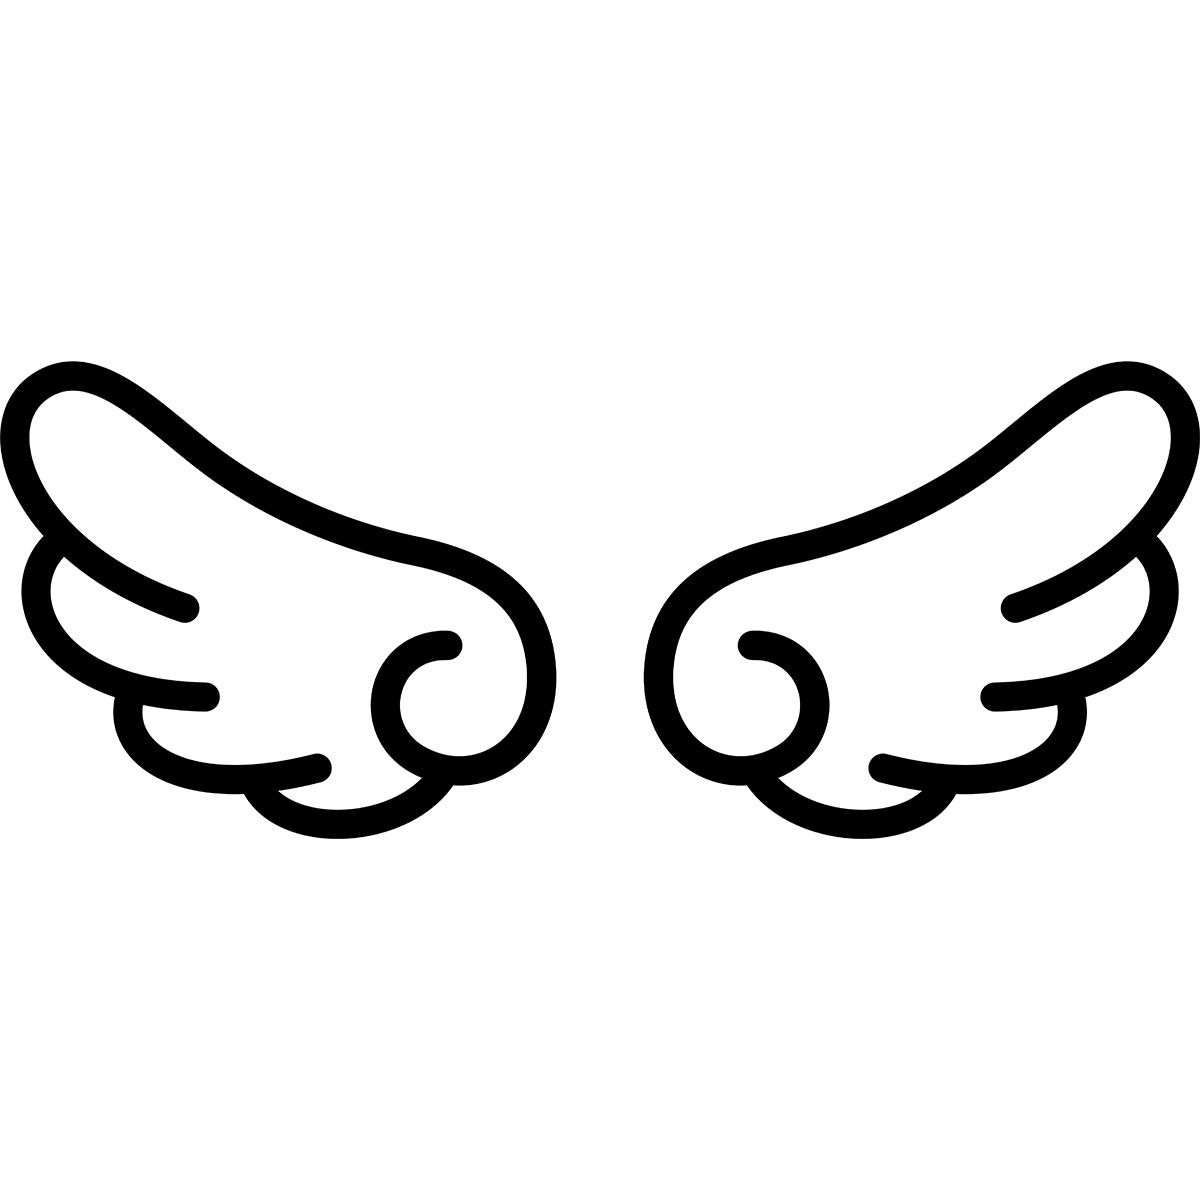 【アイコン】翼の無料イラスト